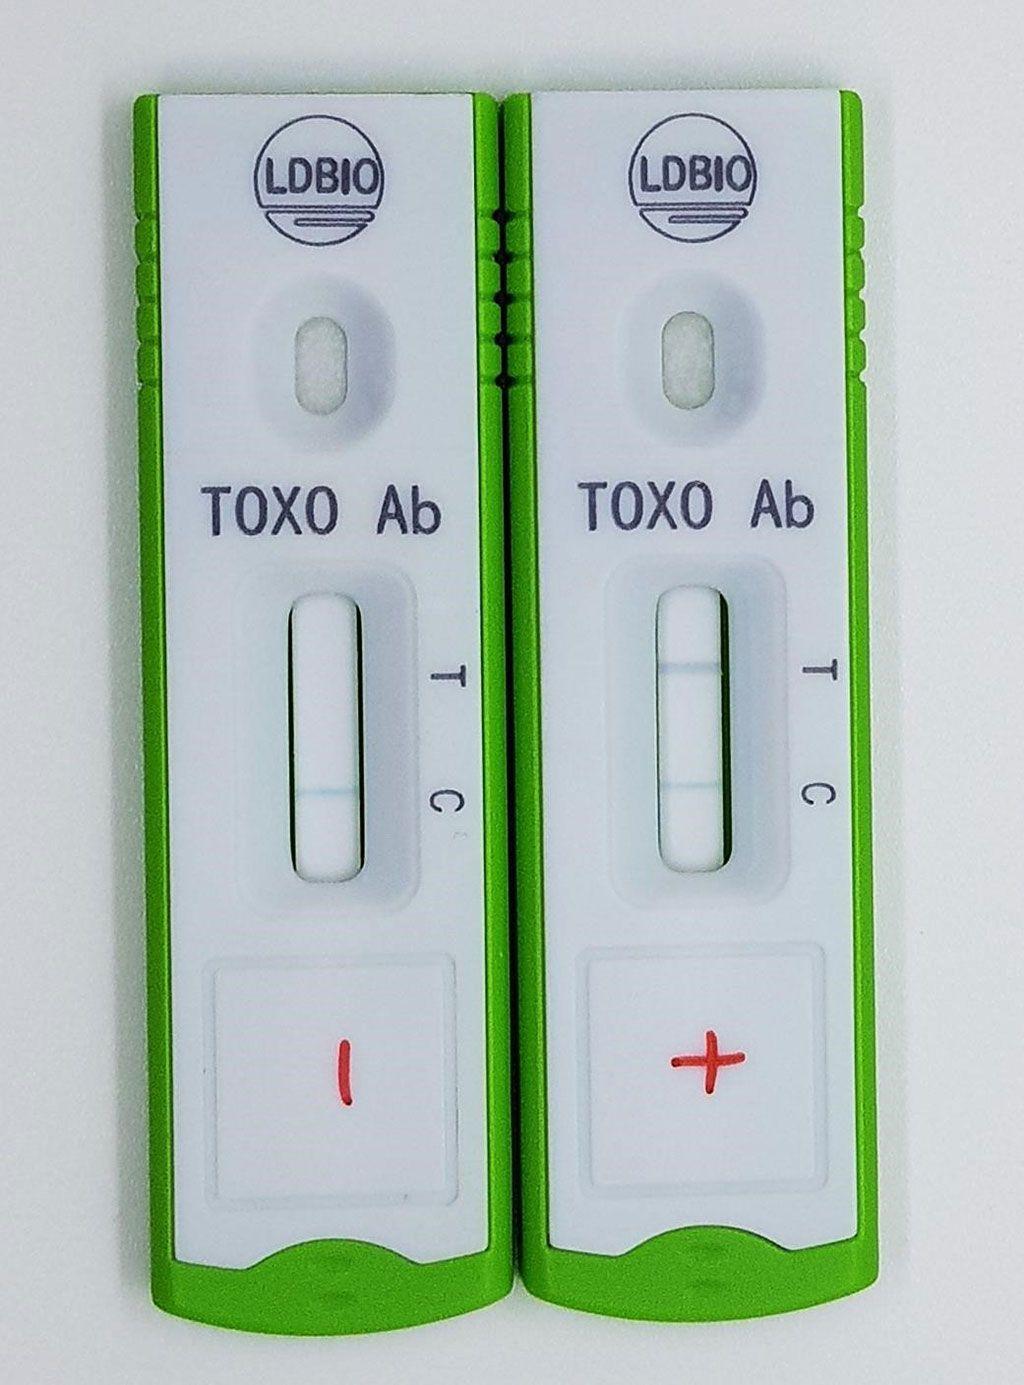 Imagen: TOXOPLASMA ICT IgG-IgM es una prueba rápida cualitativa unitaria basada en tecnología de cromatografía inmune (flujo lateral), permitiendo la detección simultánea de los anticuerpos antitoxoplasma de clase IgG e IgM en suero humano (Fotografía cortesía de LDBIO DIAGNOSTICS)